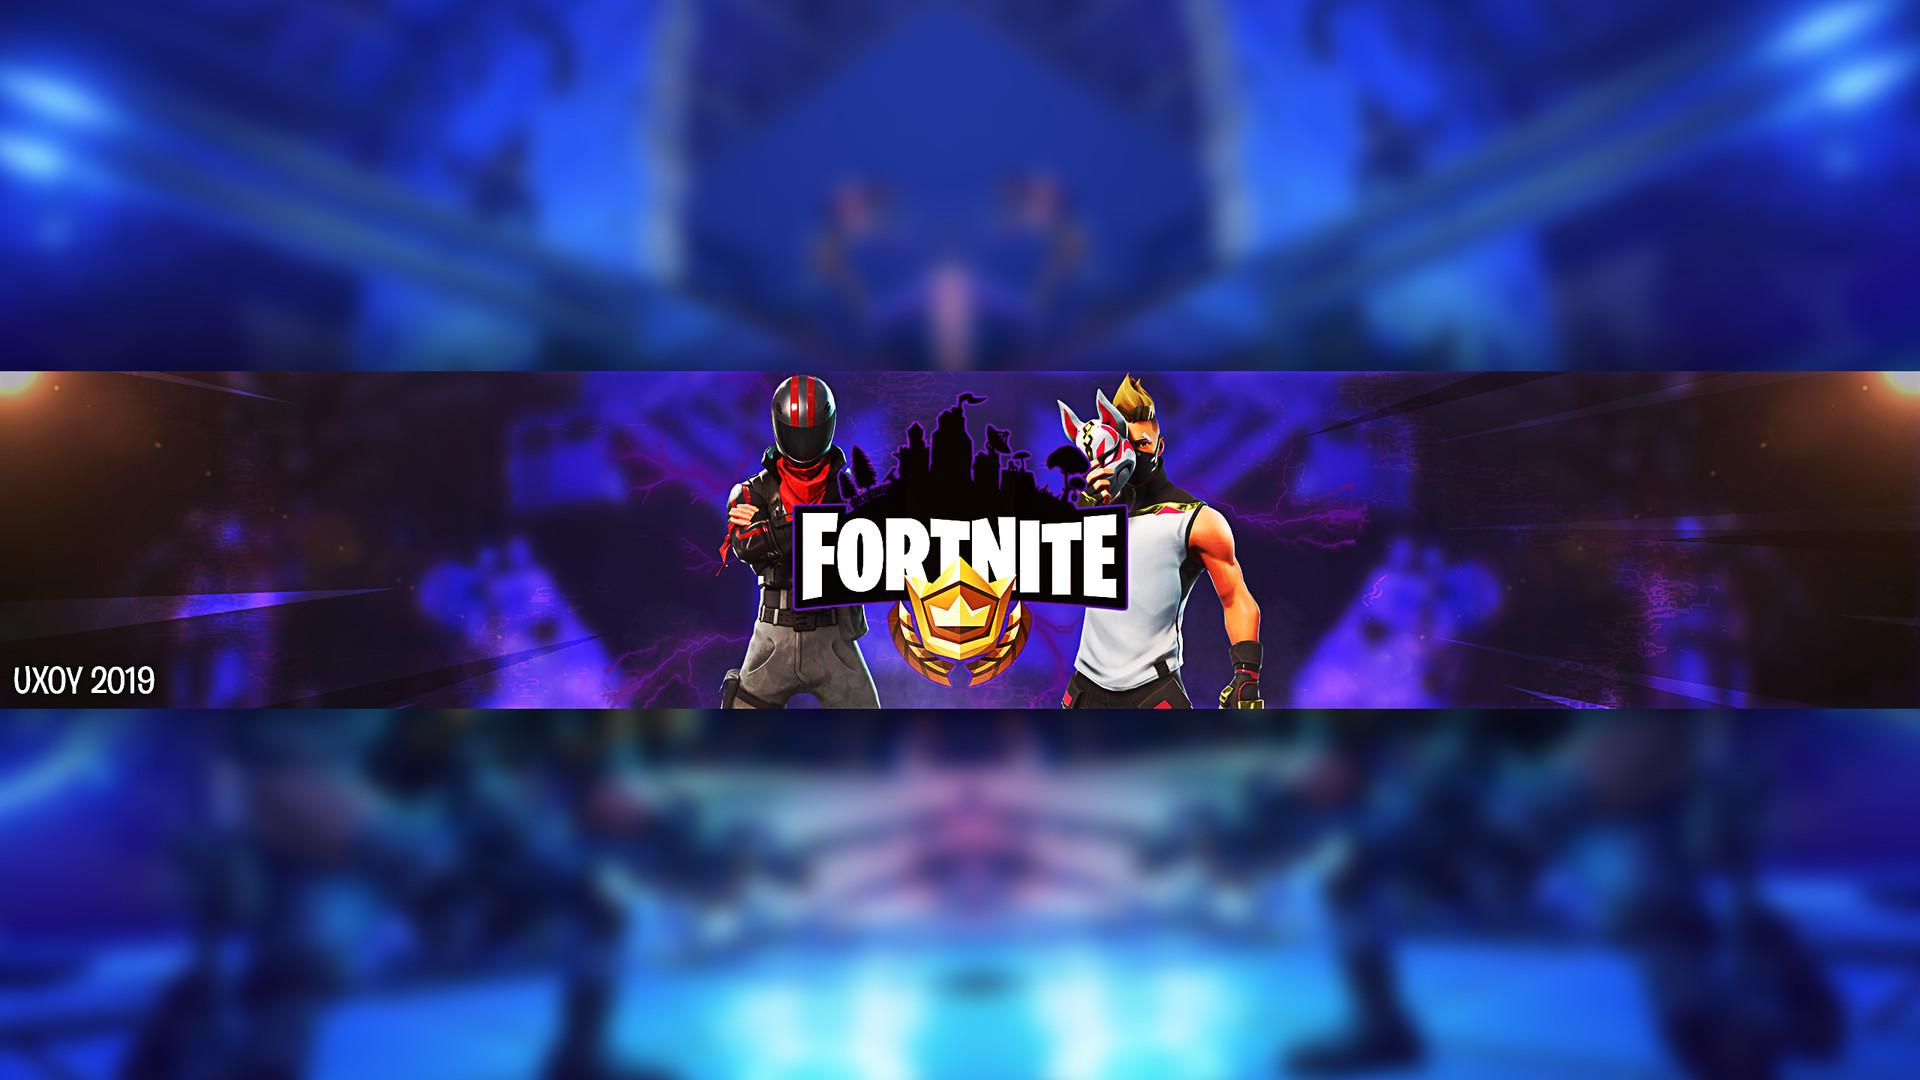 Fortnite Youtube Background Banner